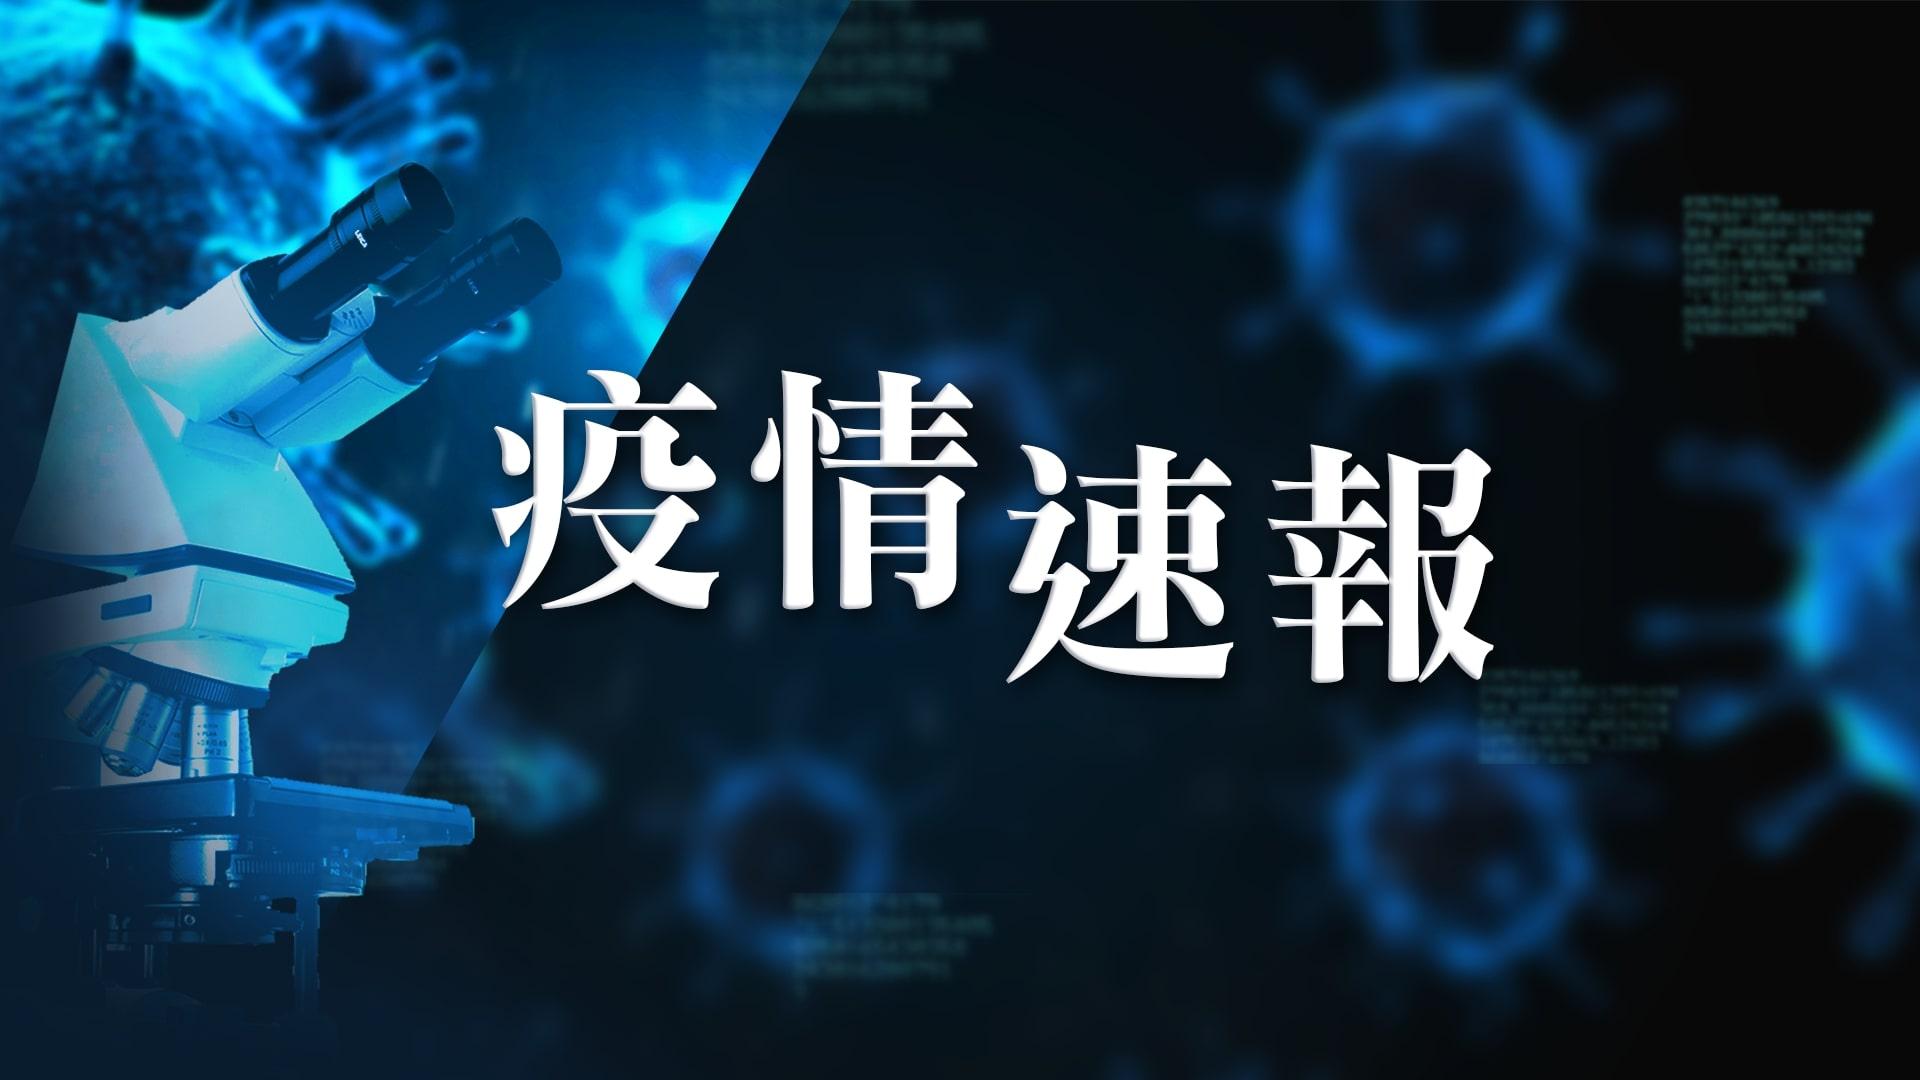 【10月29日疫情速報】(23:30)